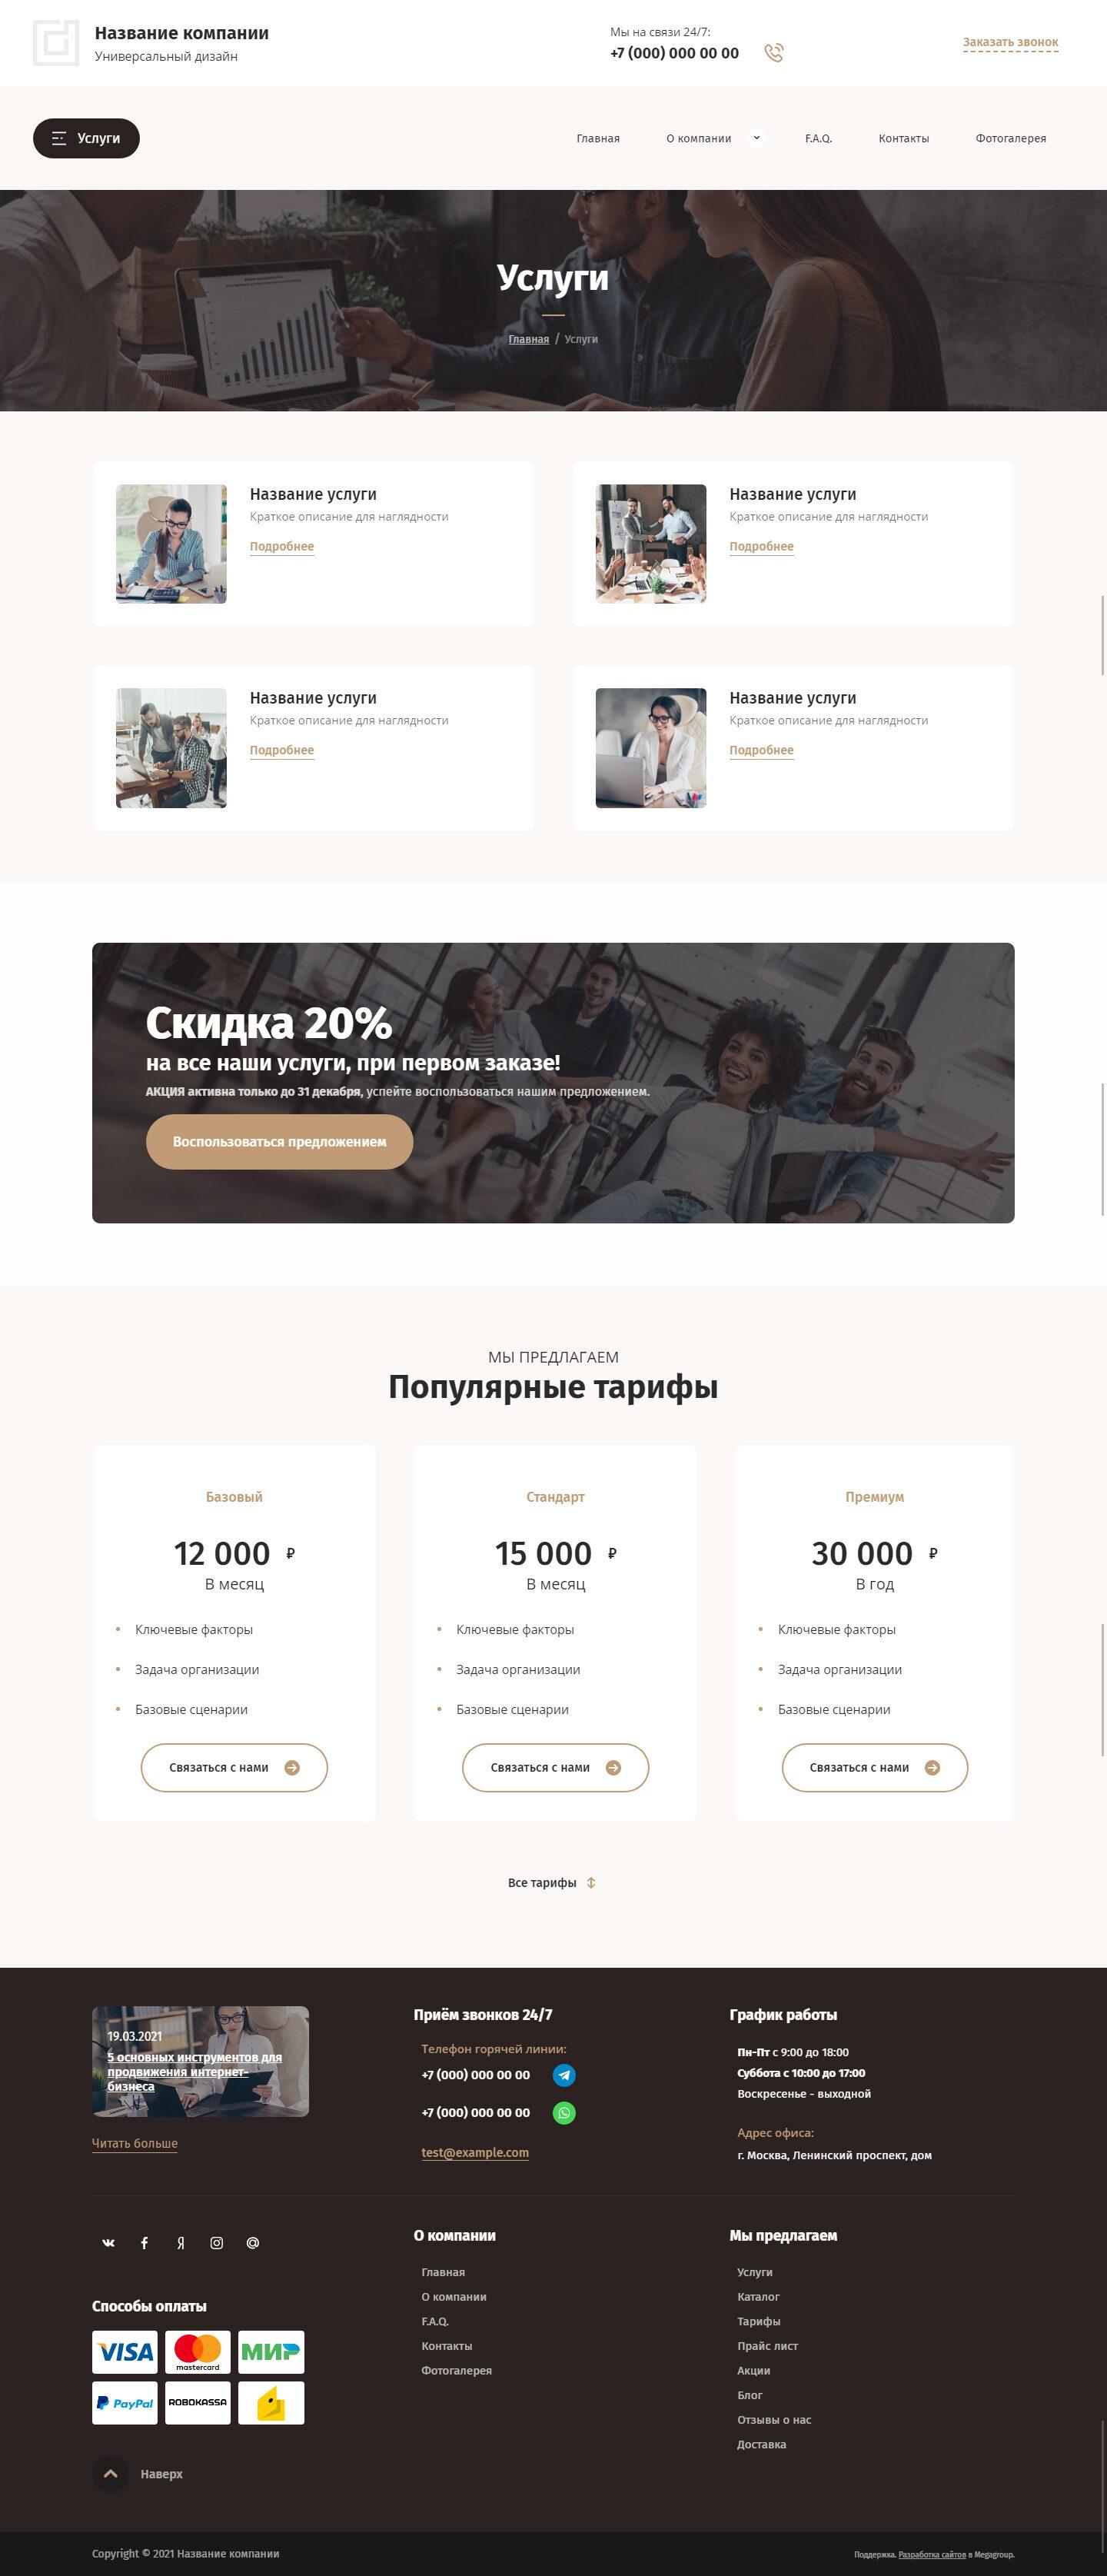 Готовый Сайт-Бизнес #2967758 - Универсальный дизайн (Услуги)